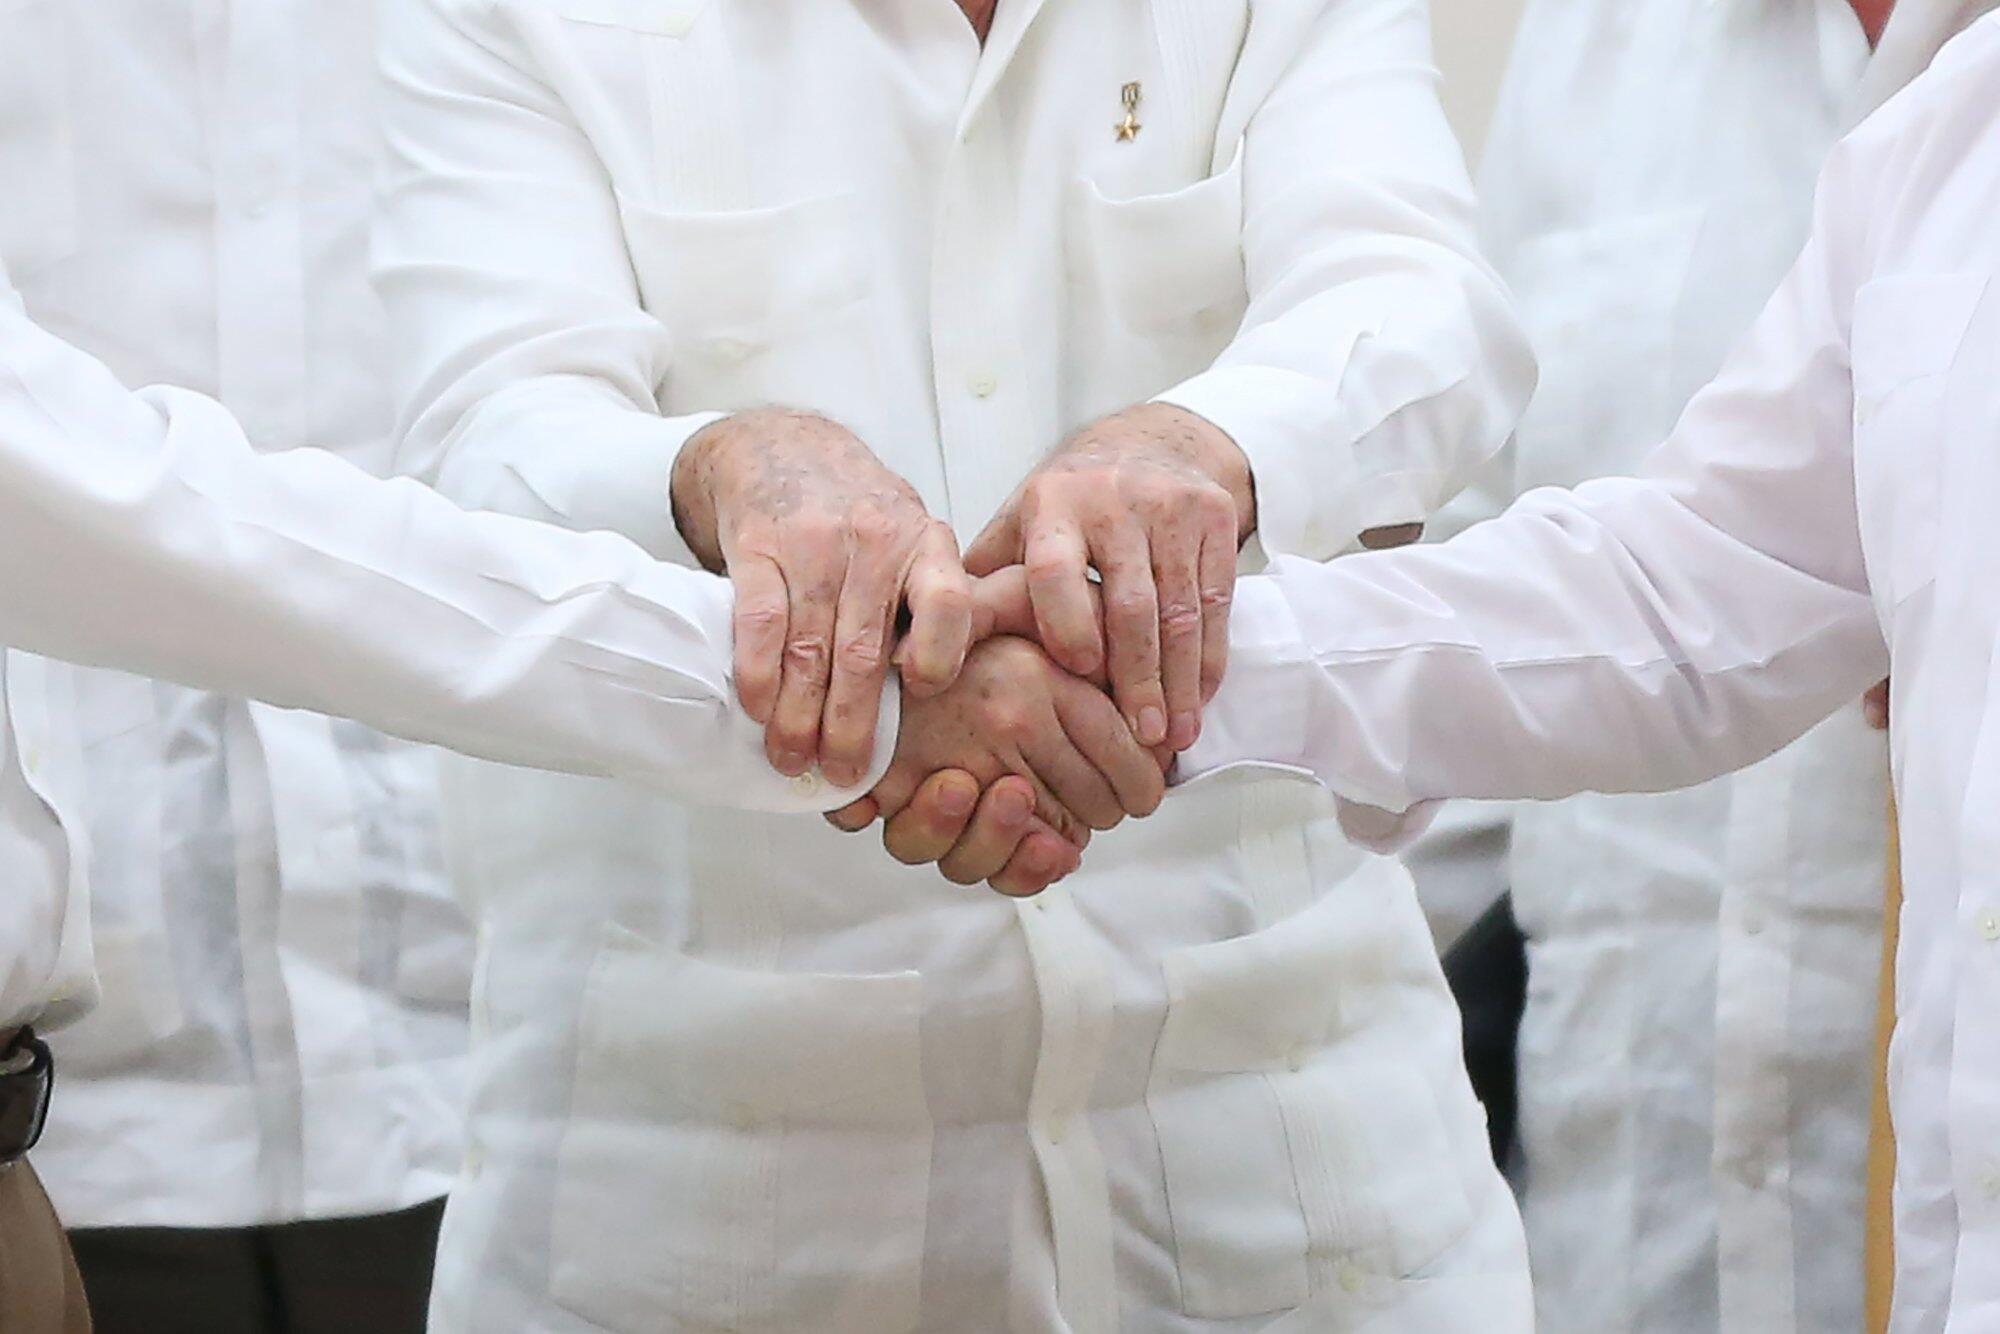 Los presidentes Castro y Santos y el líder de las FARC Timochenko en La Habana, 23 de septiembre de 2015.